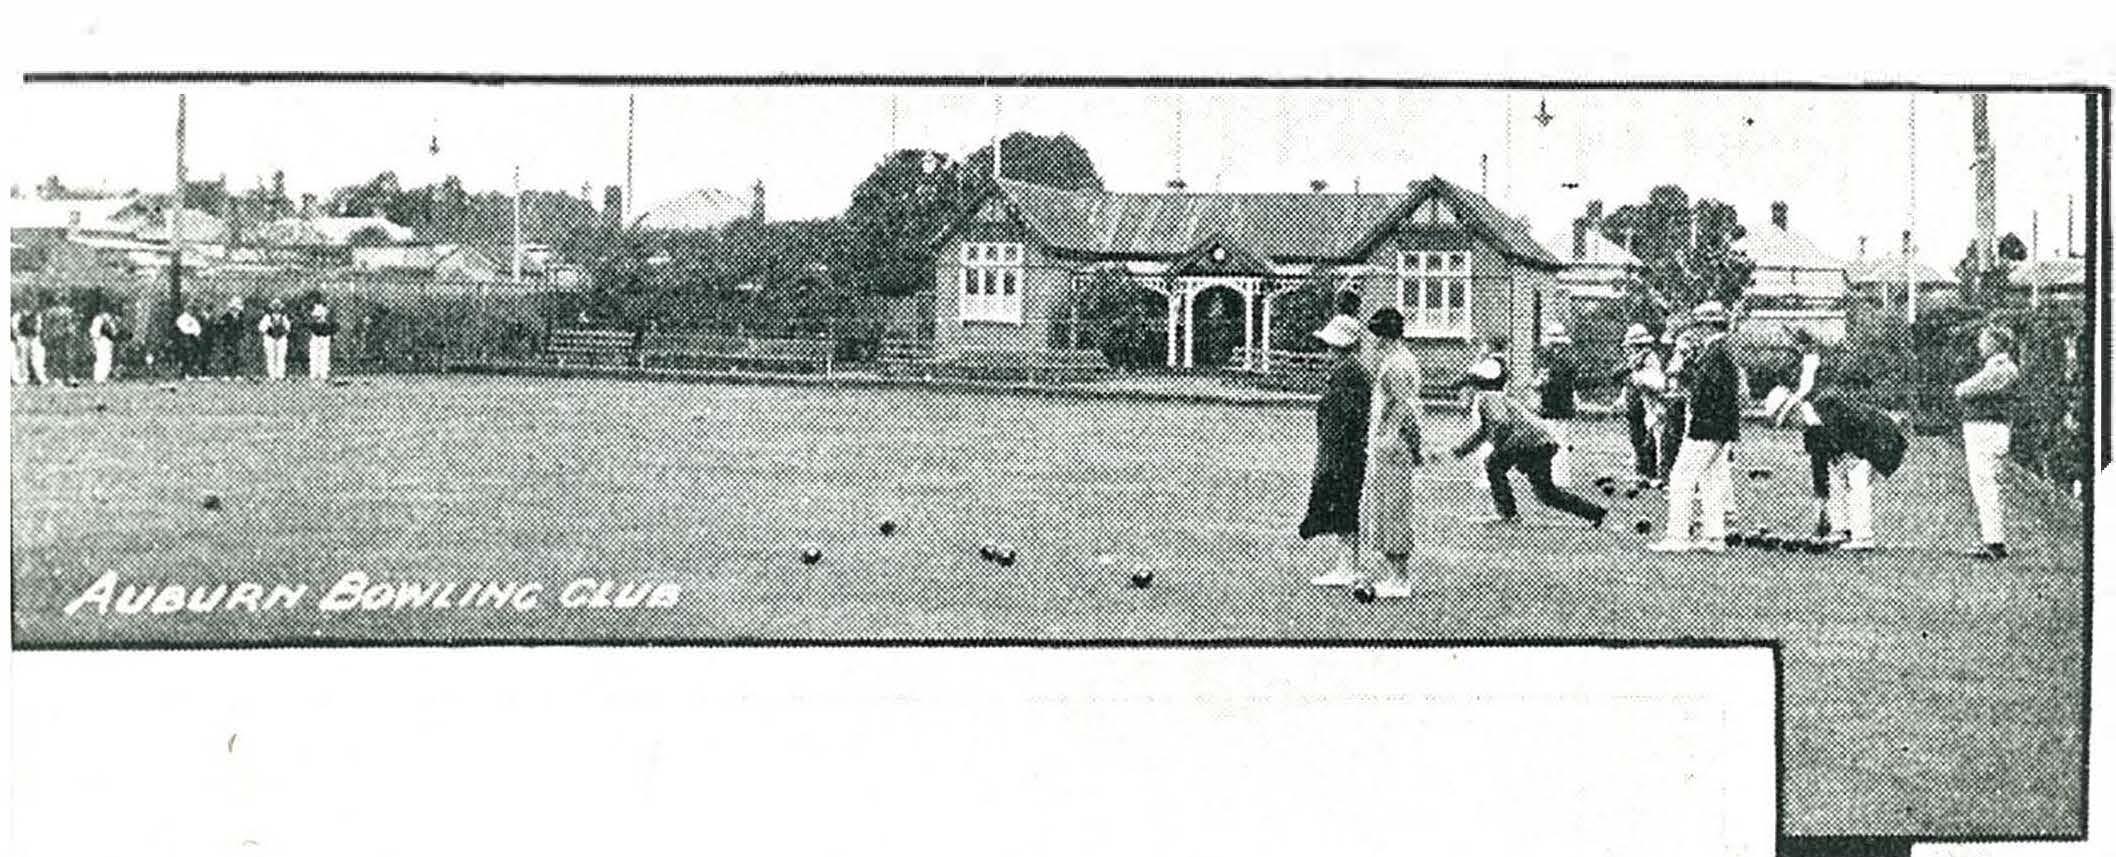 Auburn Bowls Club 1927